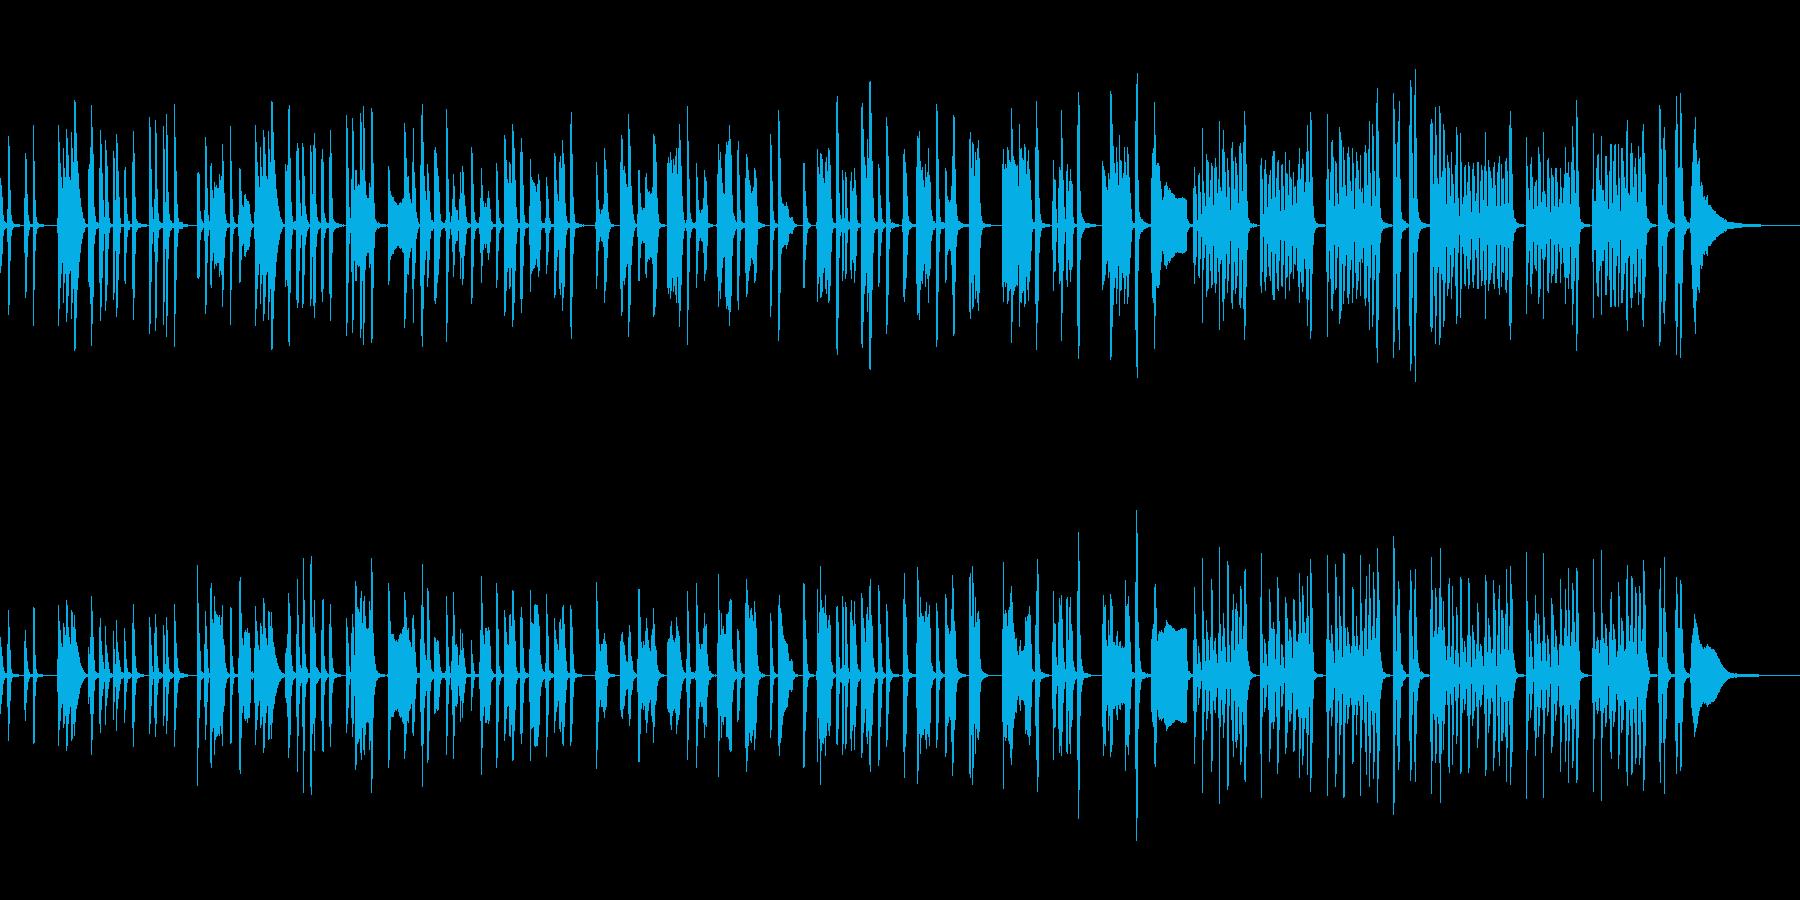 フラフラした日常の会話シーンでの音楽の再生済みの波形